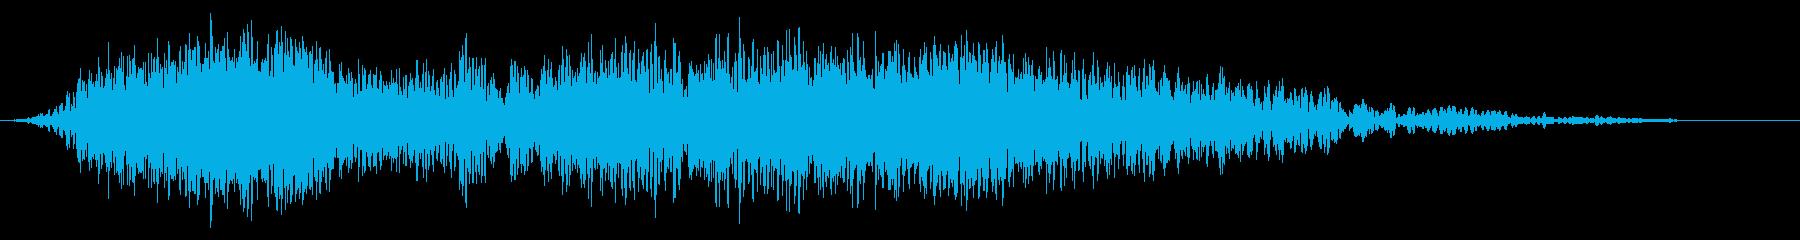 火;大きい溶岩爆発フレアの再生済みの波形